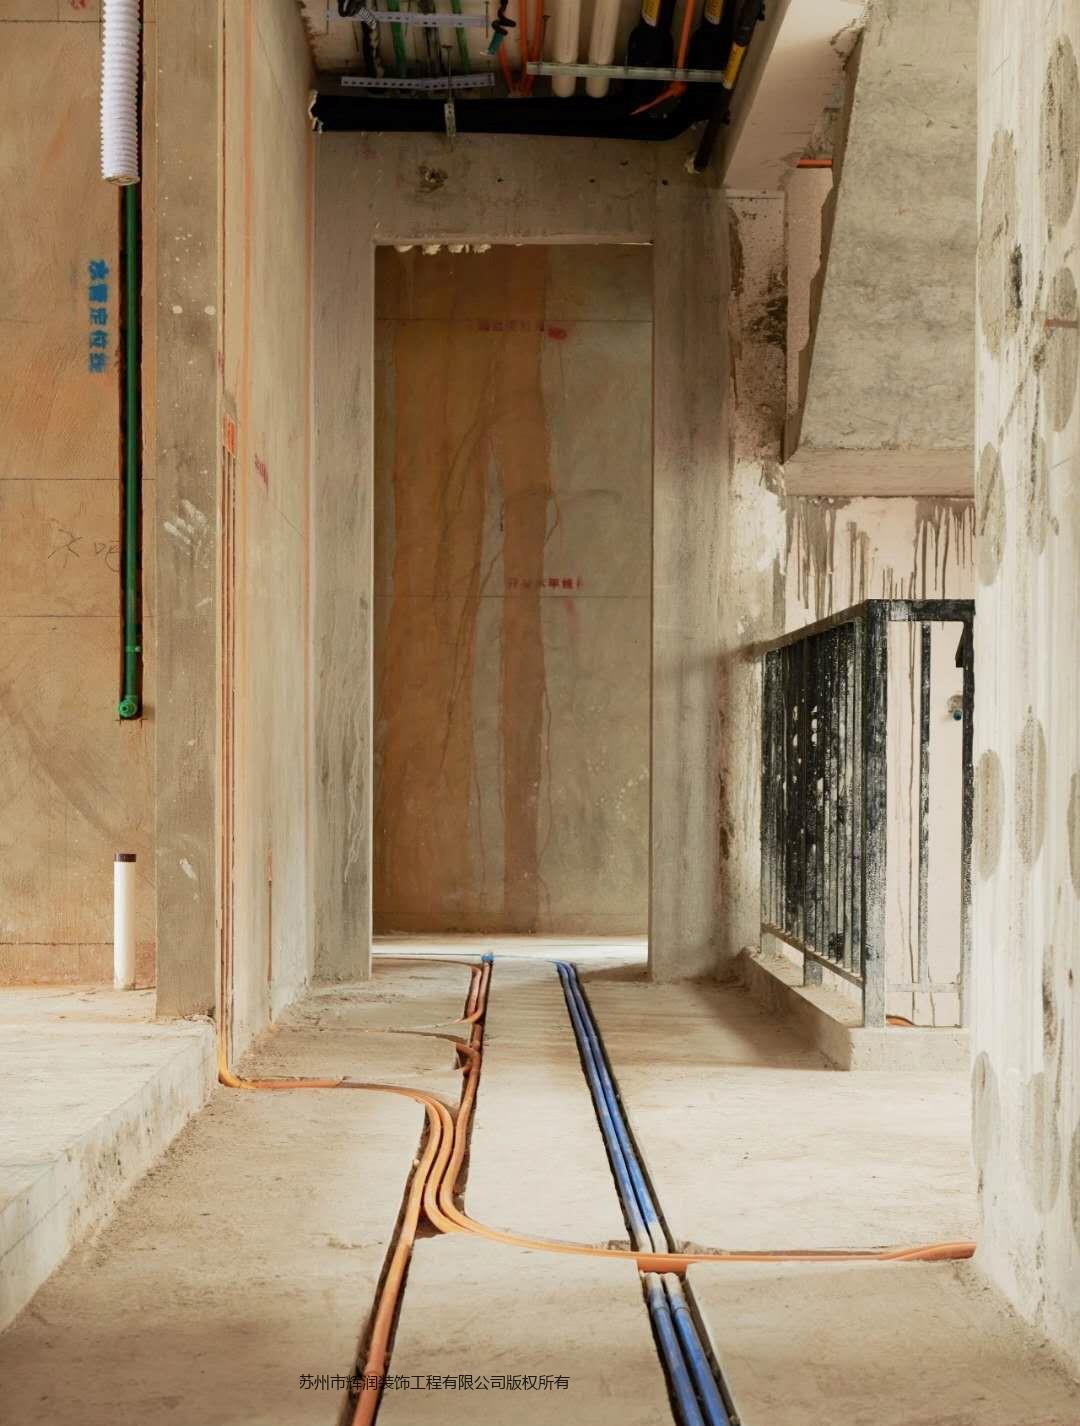 别墅案例图库之精致是一种生活态度水电施工